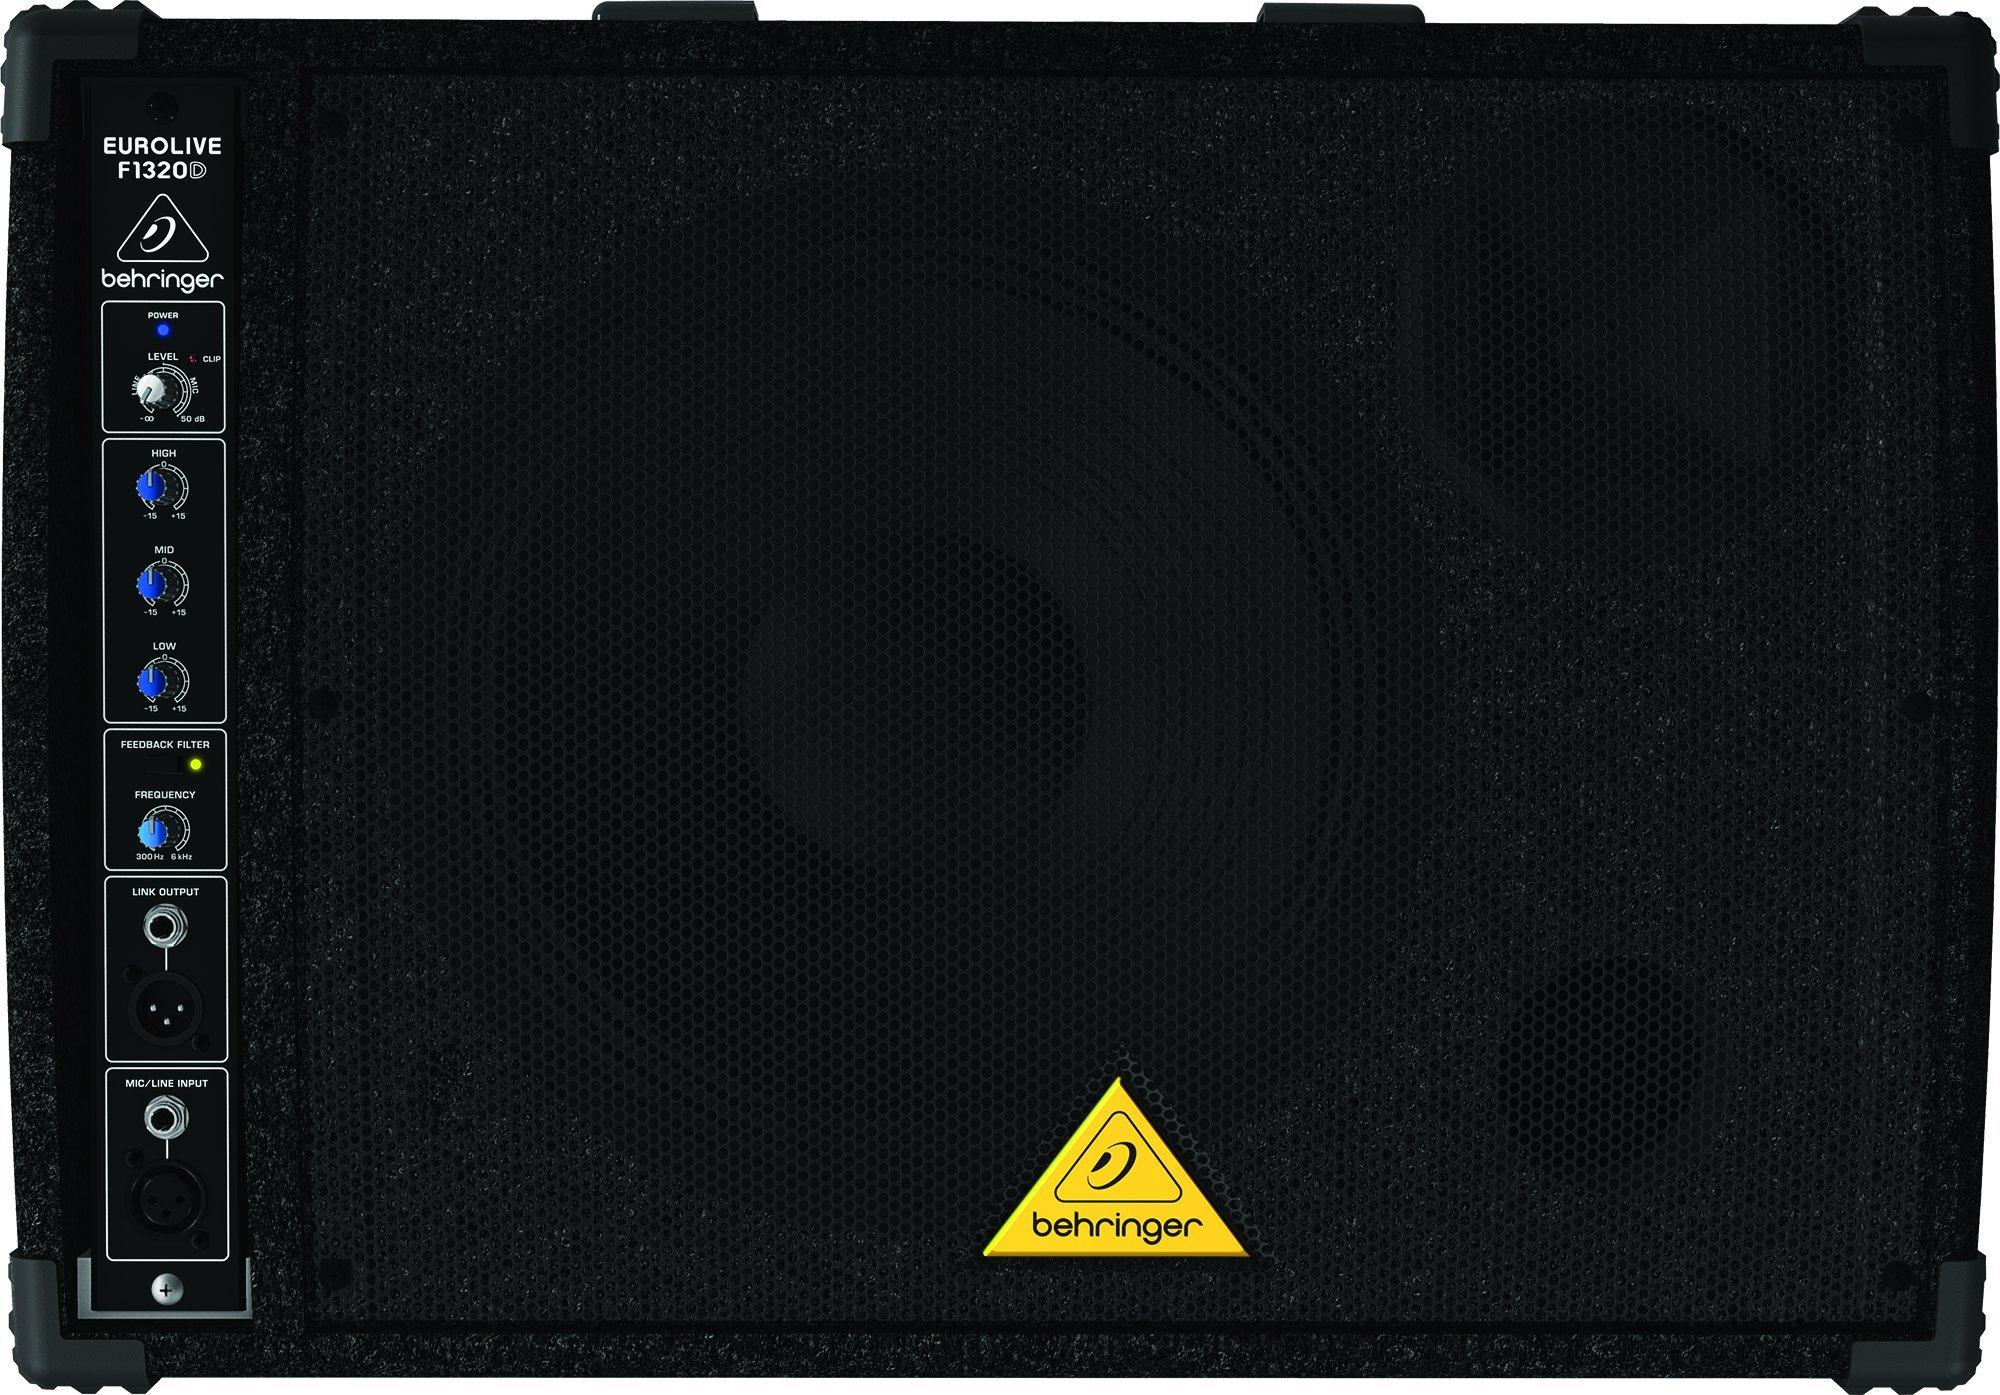 Behringer Eurolive F1320D Active 300-Watt 2-Way Monitor Speaker System by Behringer